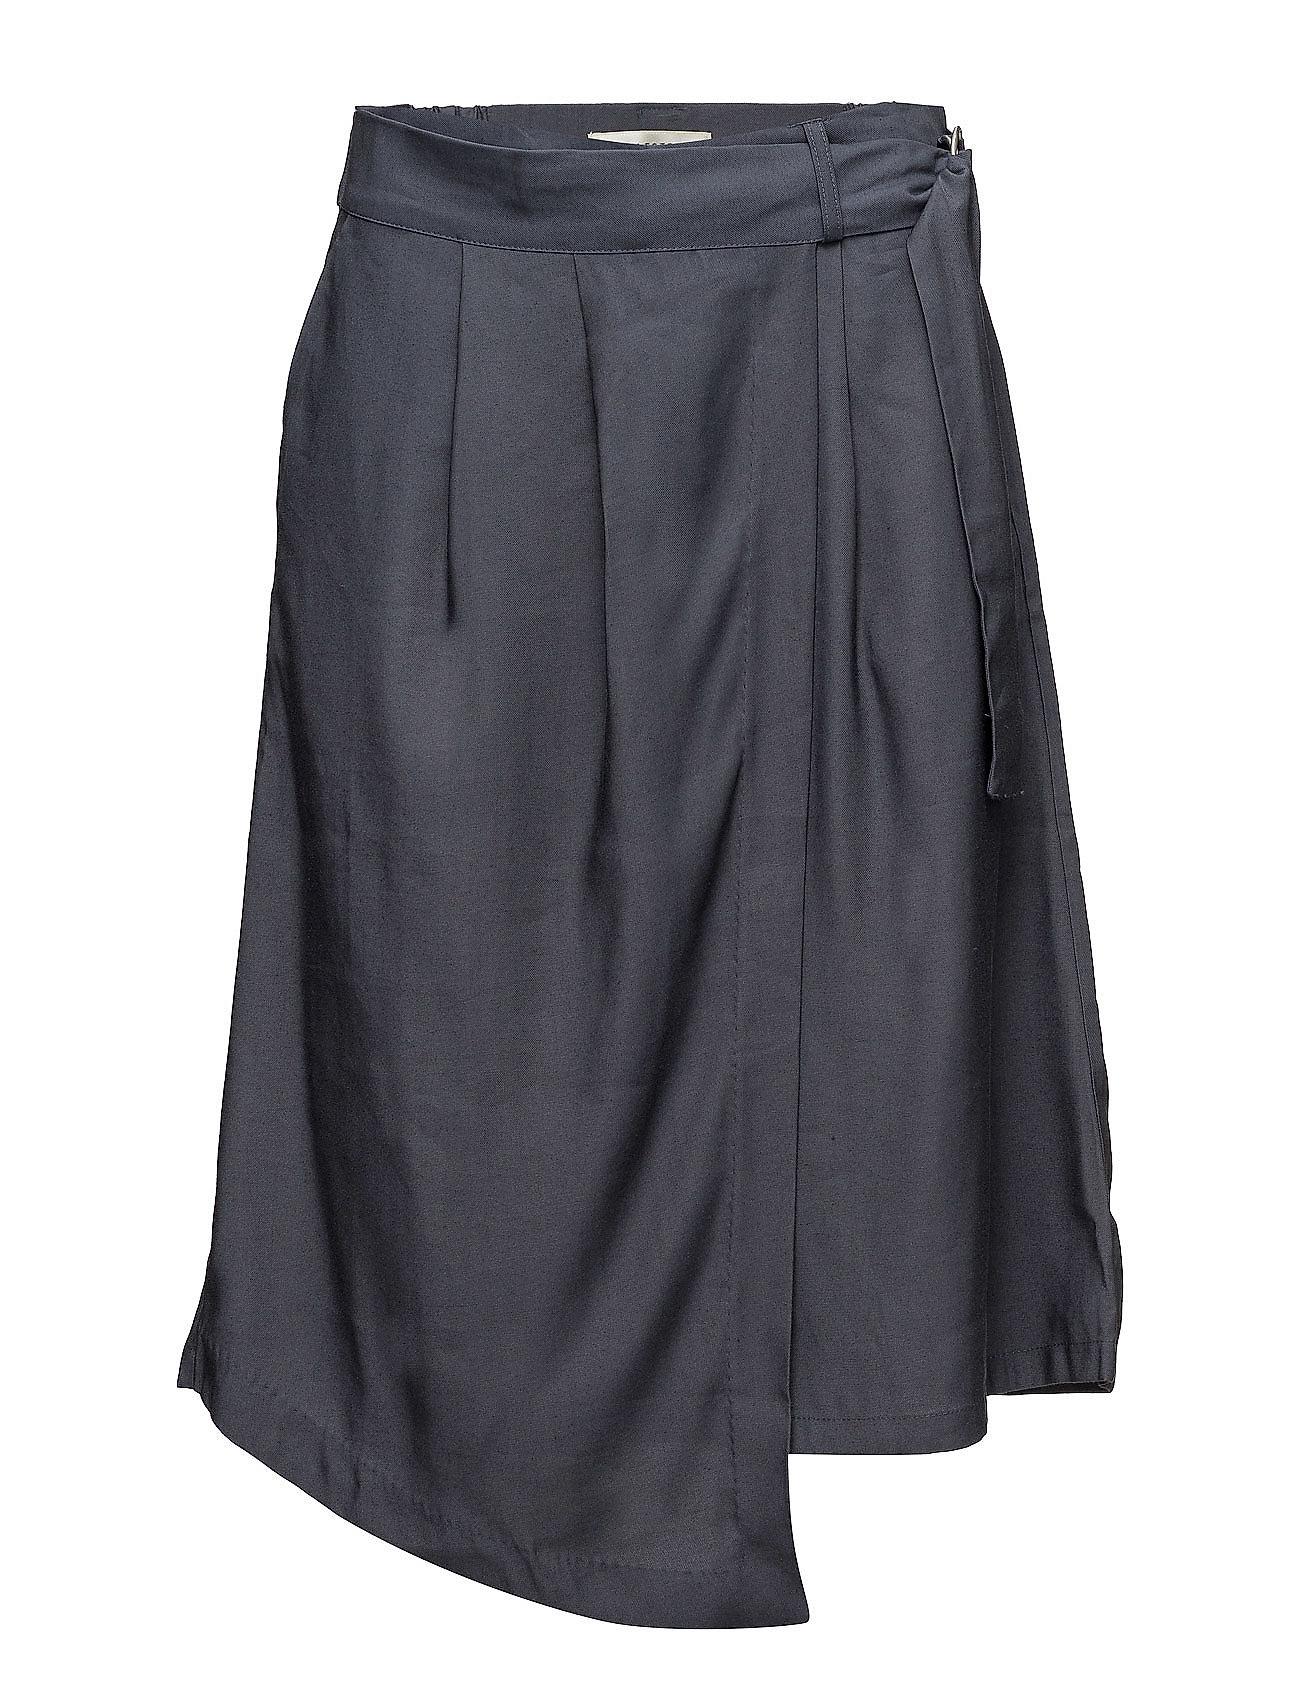 Sfjunee Mw Wrap Shorts Selected Femme Shorts til Kvinder i Umbra Blå